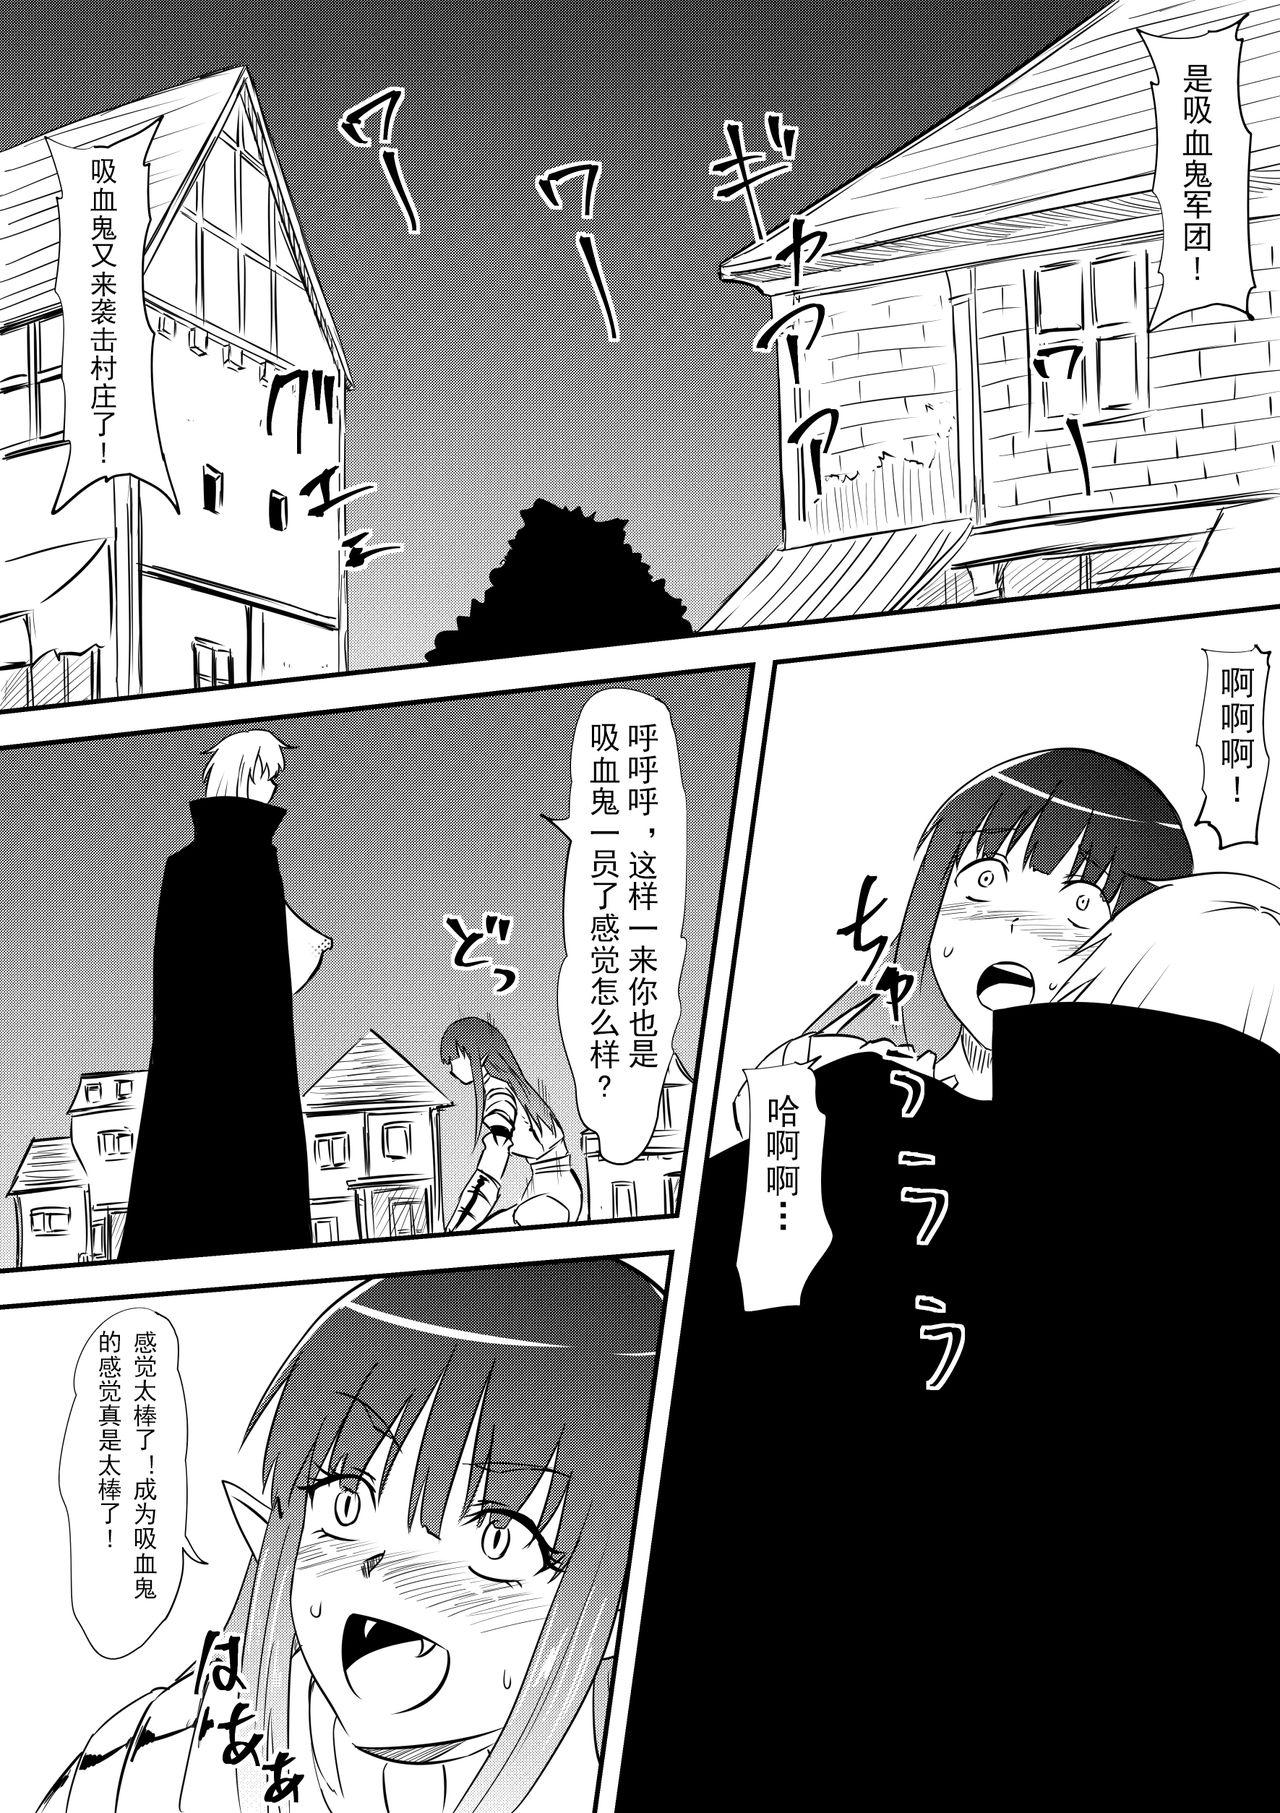 [Mikezoutei] Onna Kishi no Okaa-san ga Kyouseiteki ni Kyuuketsuki-ka Saserarete Otosareru Hanashi [Chinese] [恶堕*不咕鸟汉化组] 34